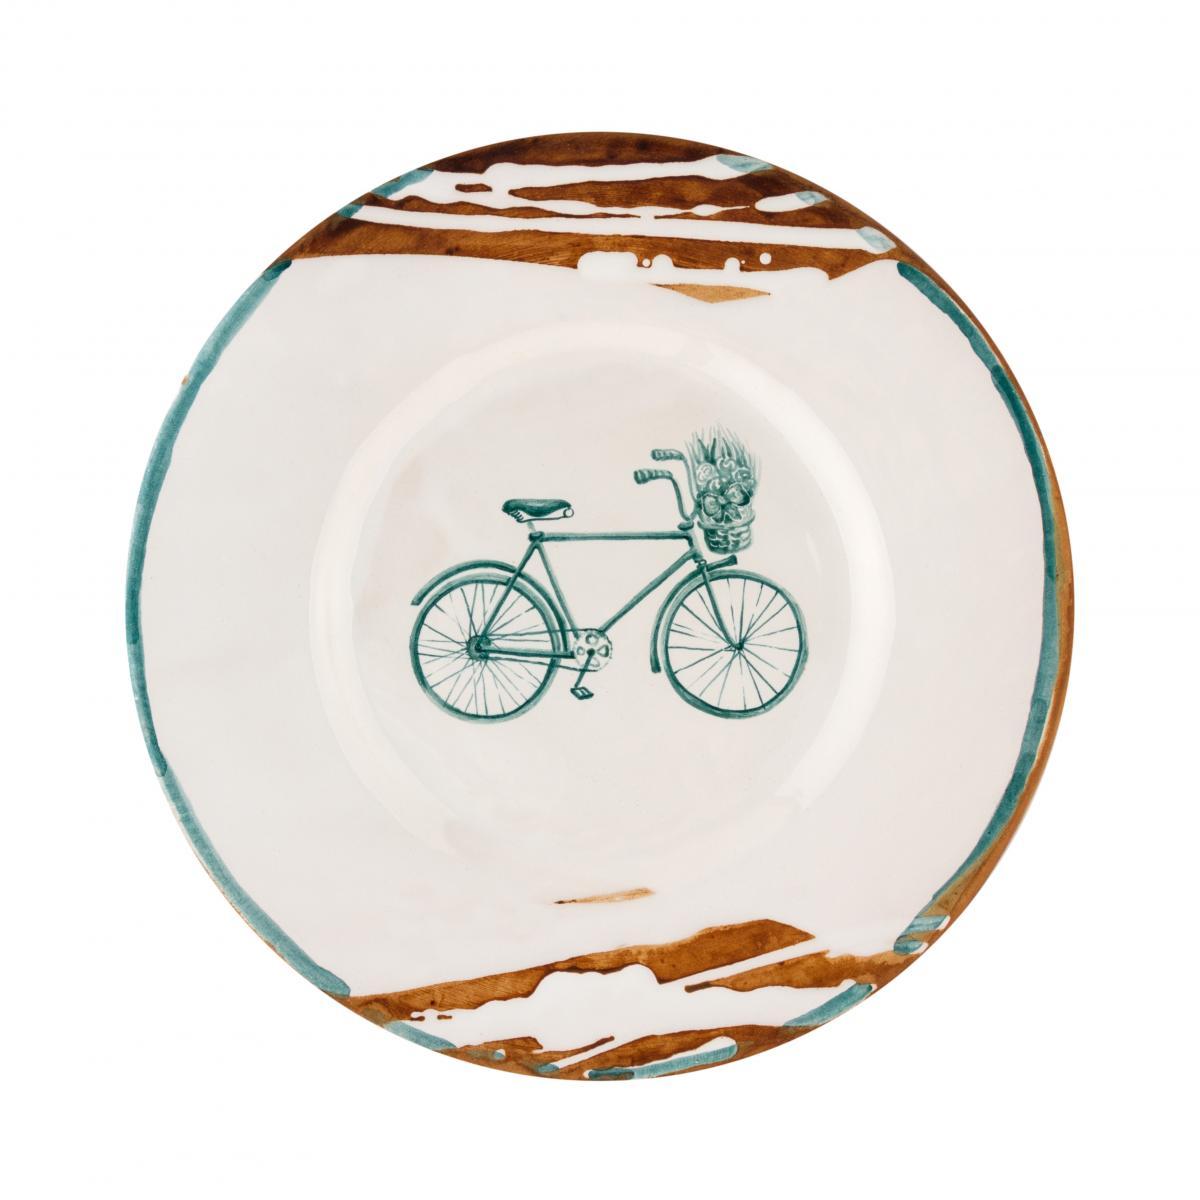 Тарілка з велосипедом. Фото №1. | Народний дім Україна